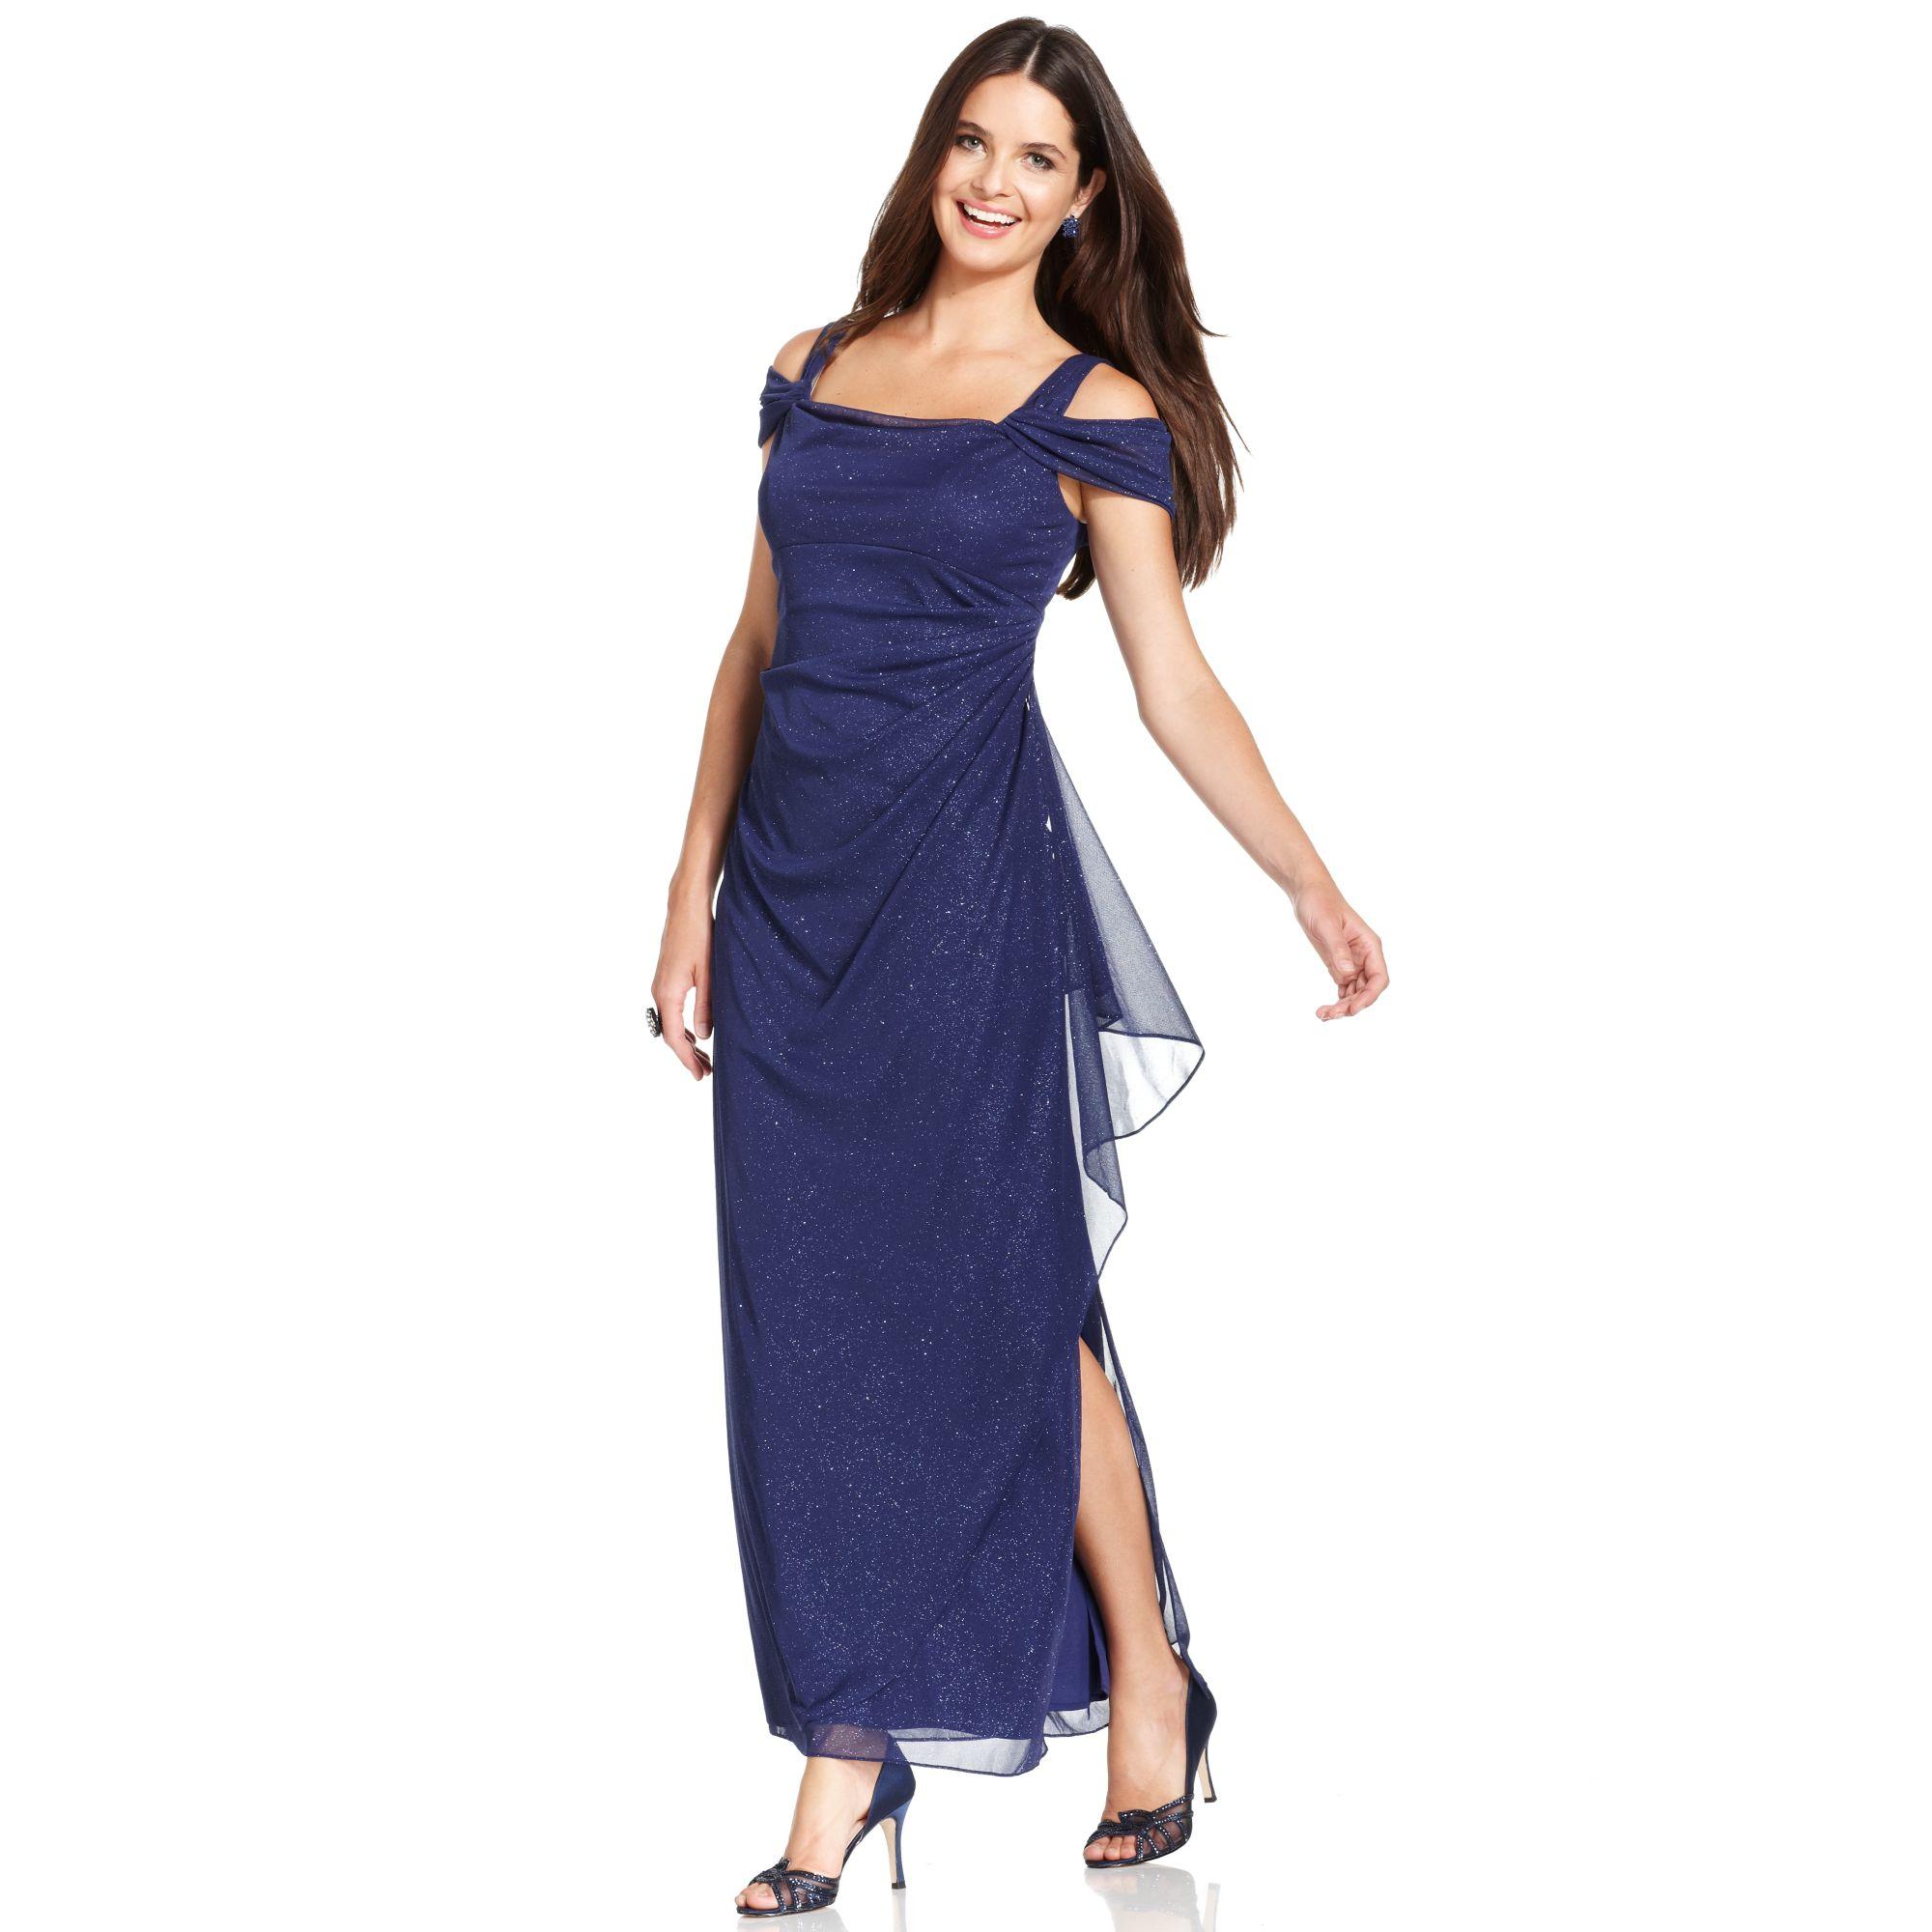 cbe2aec5e0 Petite Prom Dresses Macys - Gomes Weine AG